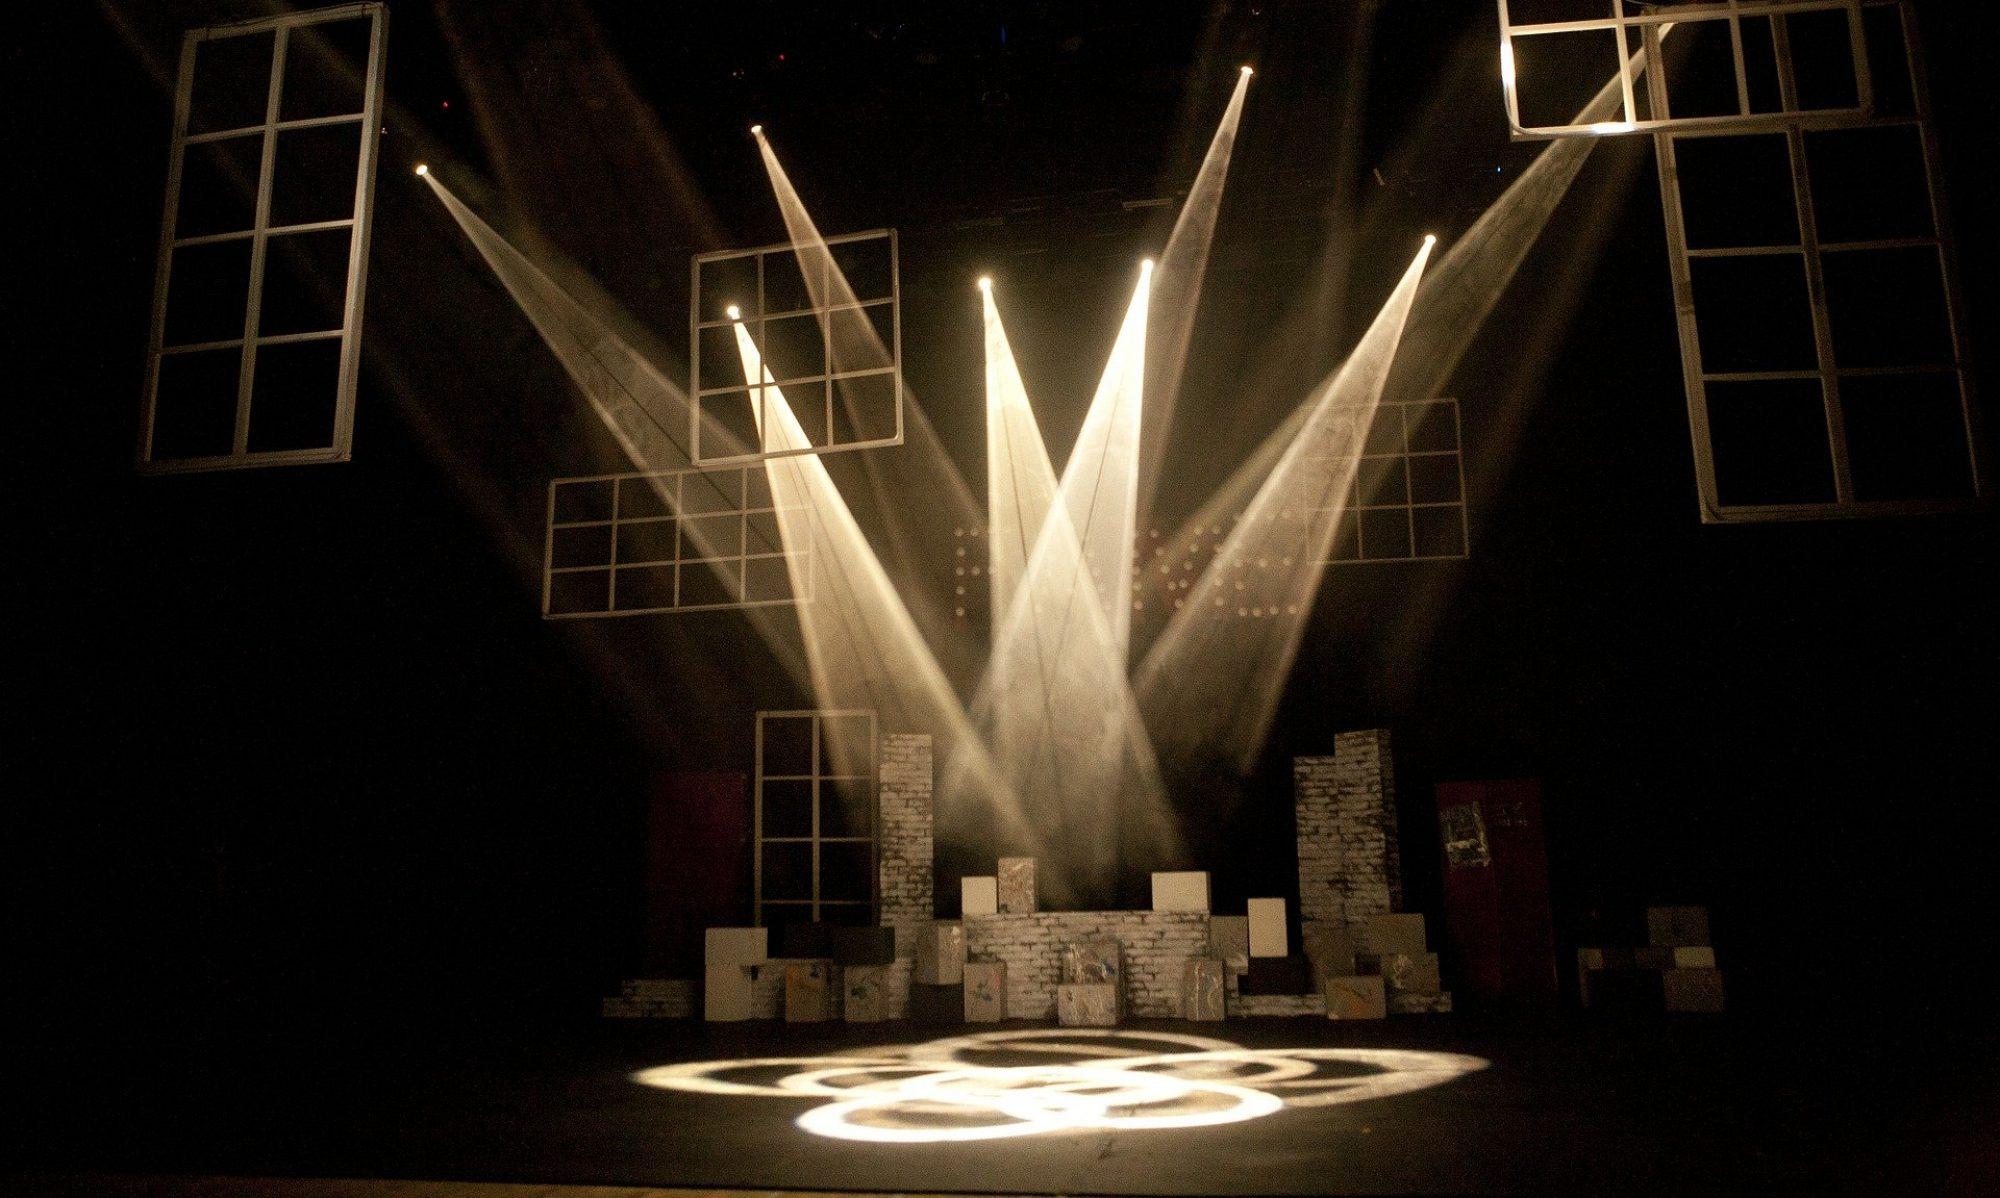 Towarzystwo Kultury Teatralnej